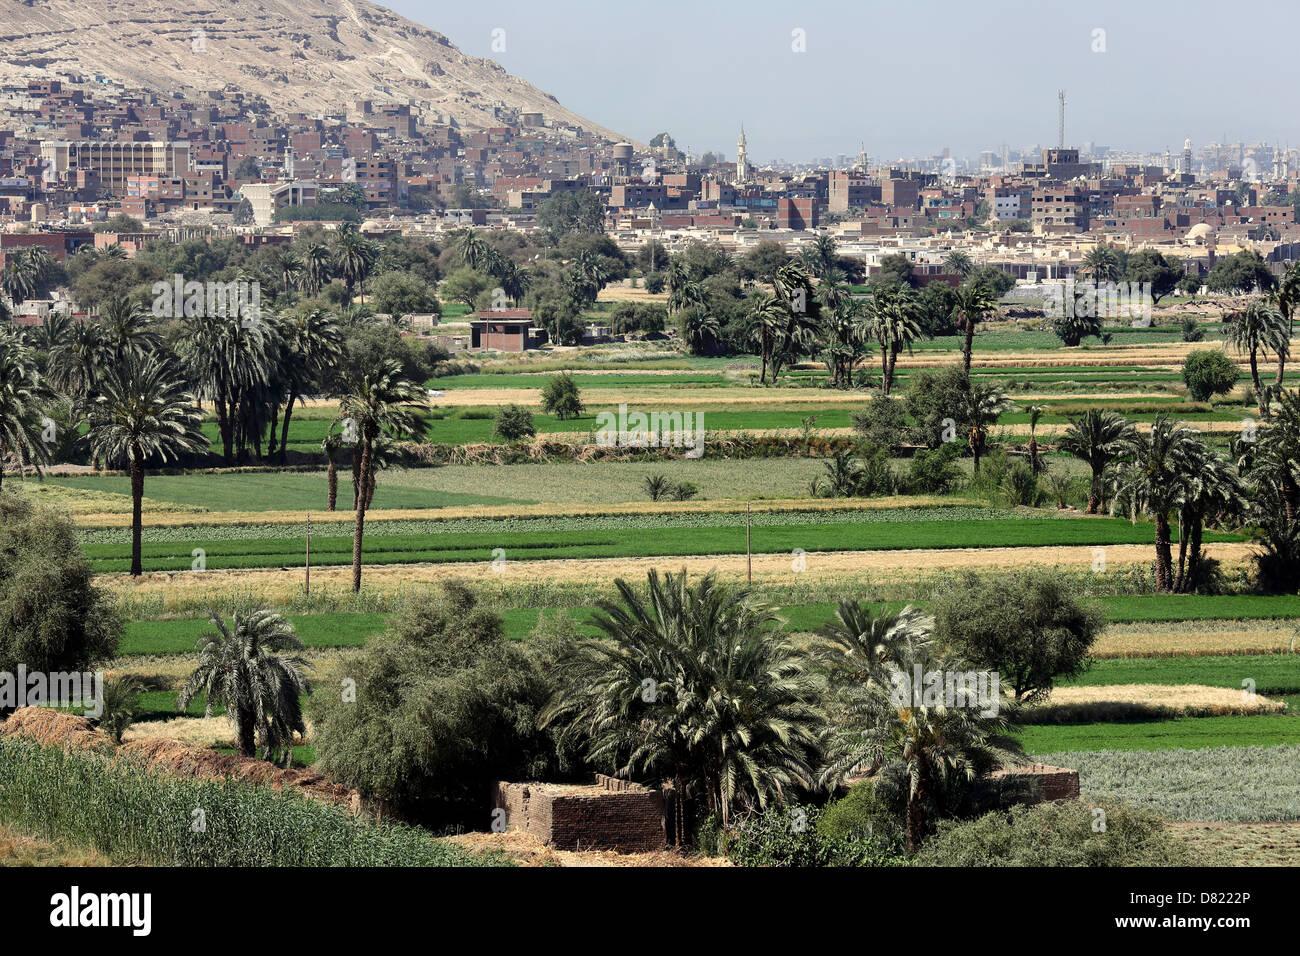 Les champs de blé de l'agriculture qui entourent la ville d'Assiout (arrière-plan), Haute Egypte Photo Stock